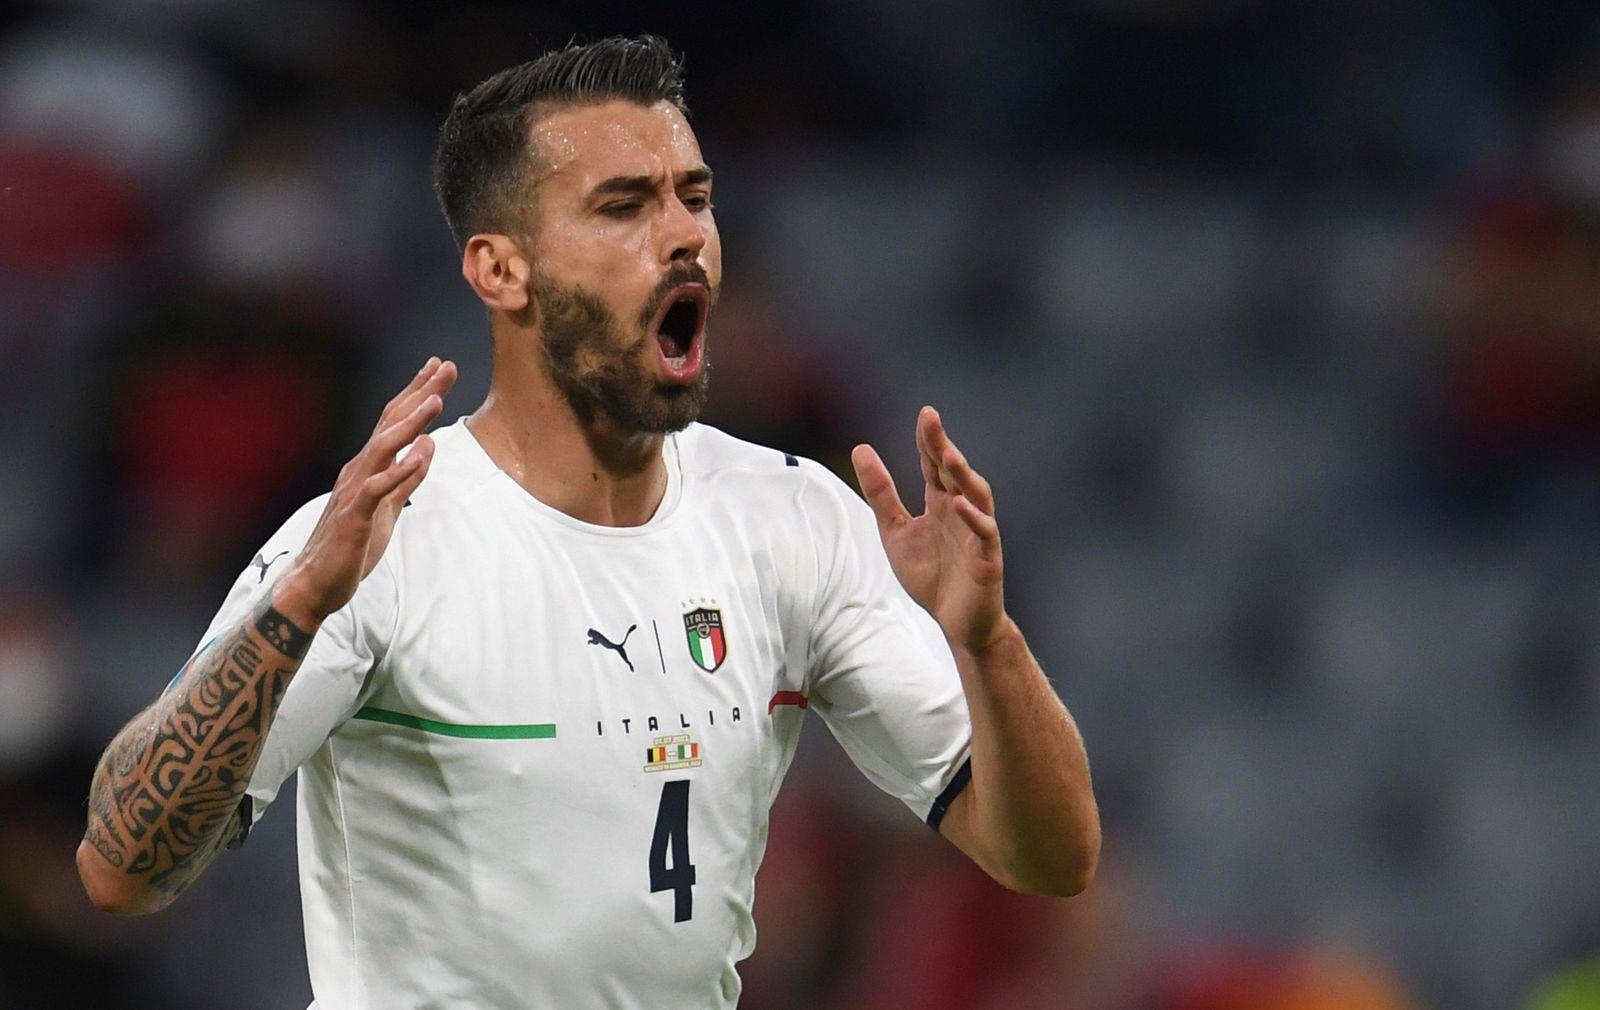 Fußball EM - Belgien - Italien